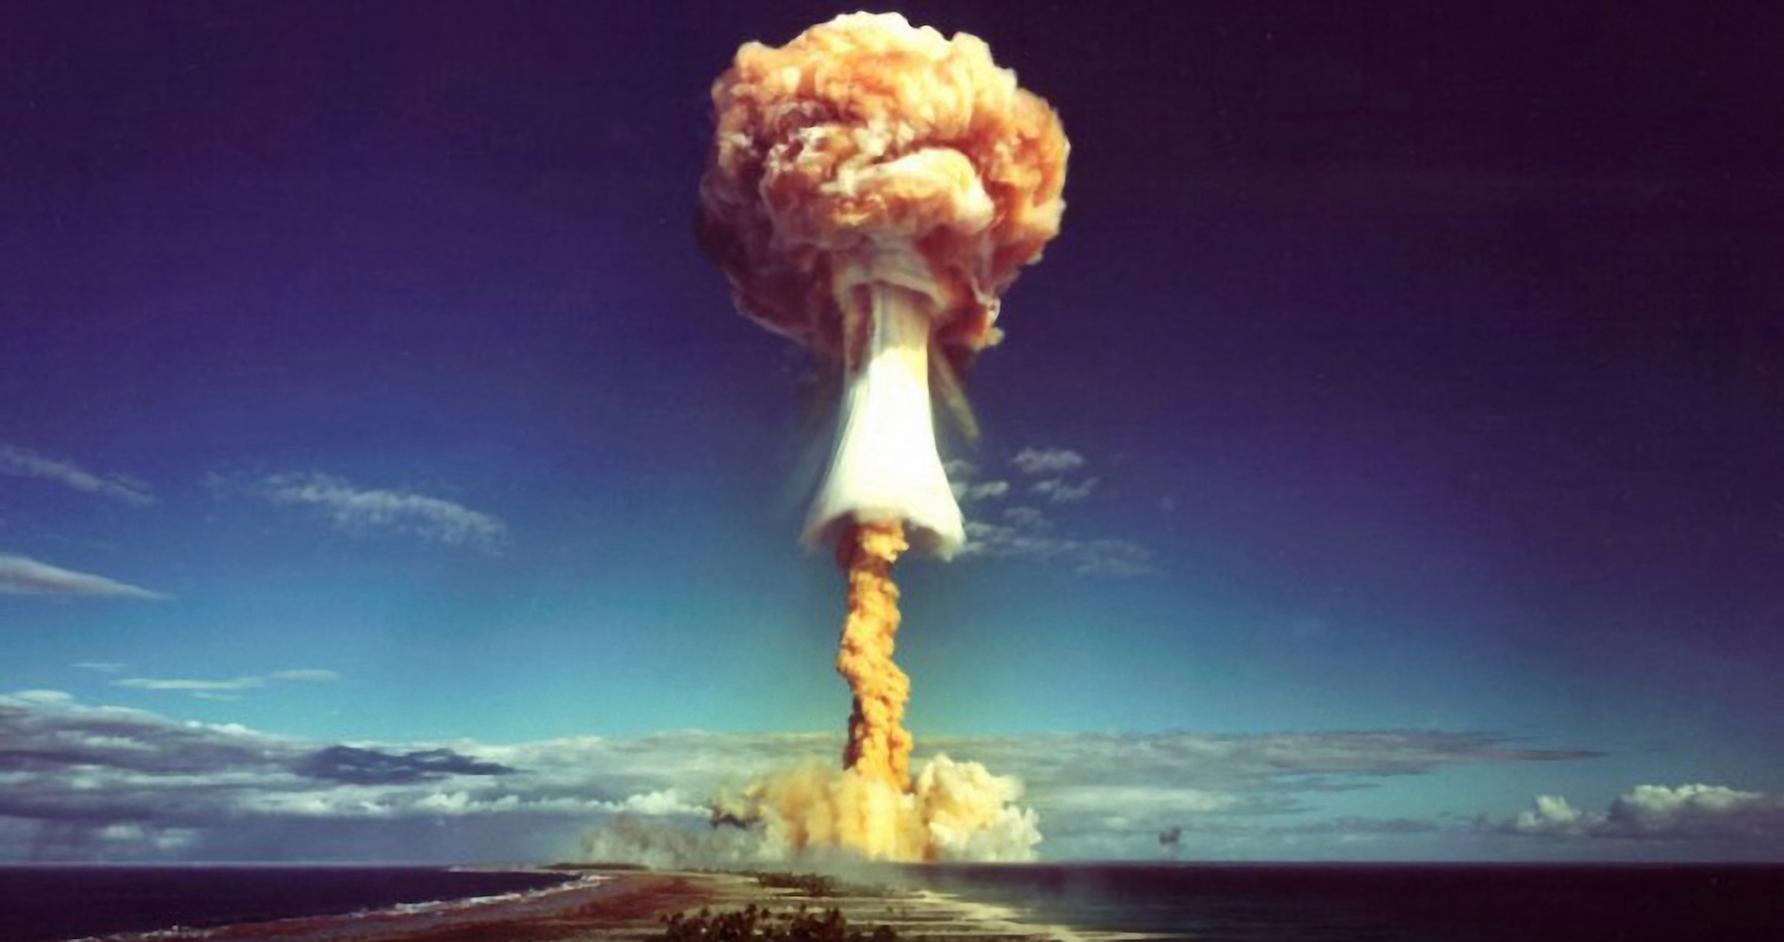 Les plus grosses bombes atomiques de l'Histoire (VIDÉO)